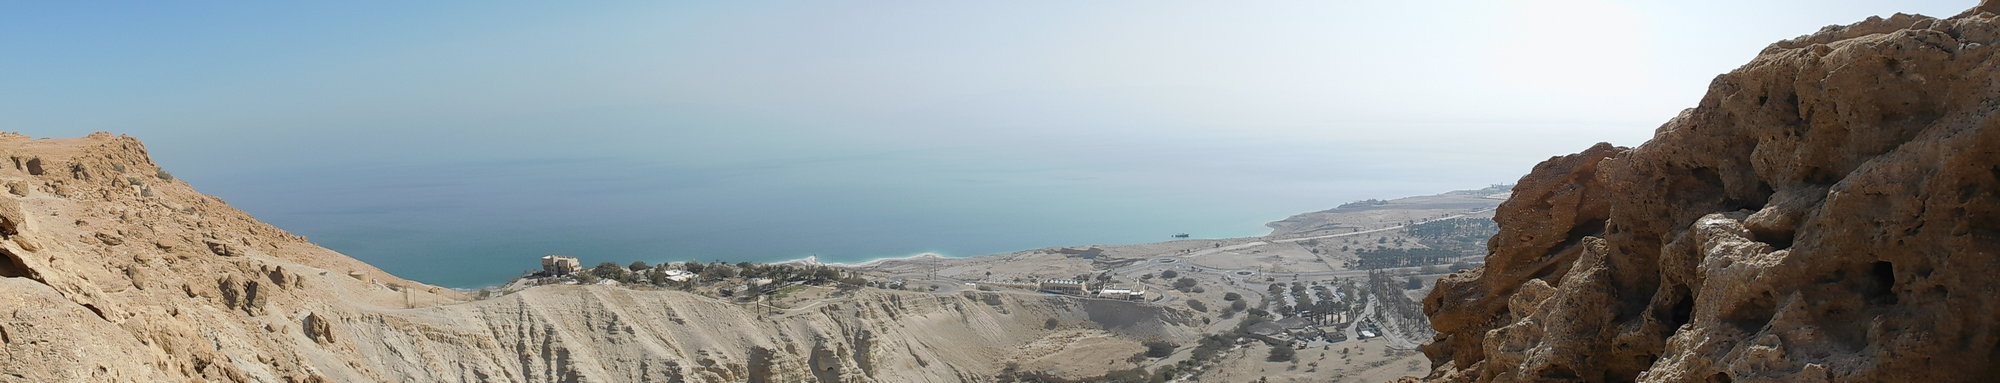 Эйн-Геди  – Мертвое море